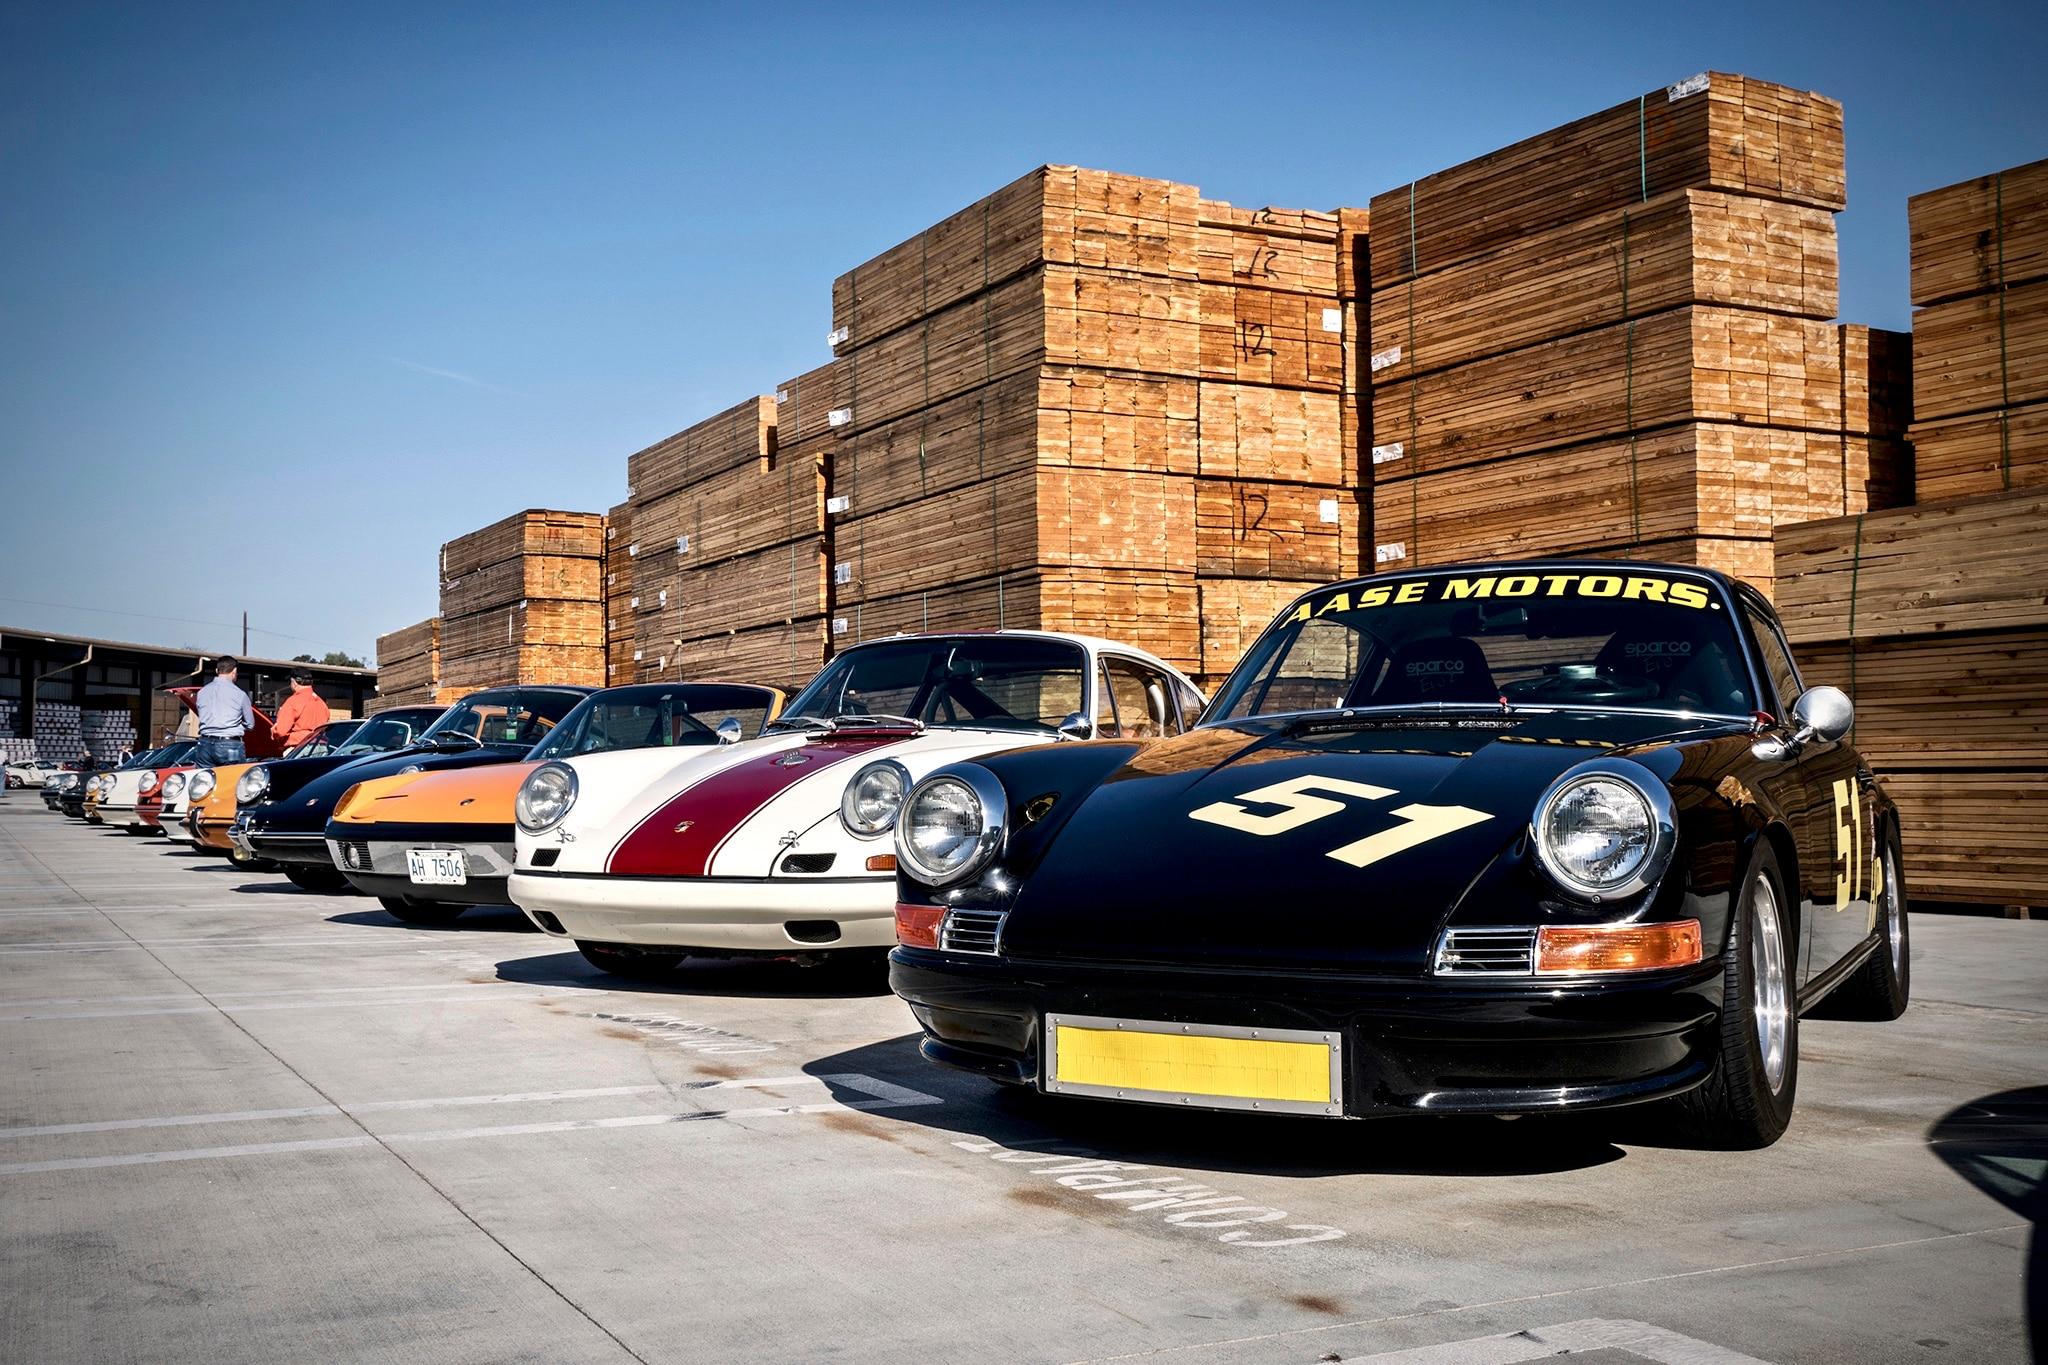 Luftgekuhlt 5 Porsche Meet At Ganahl Lumber 17